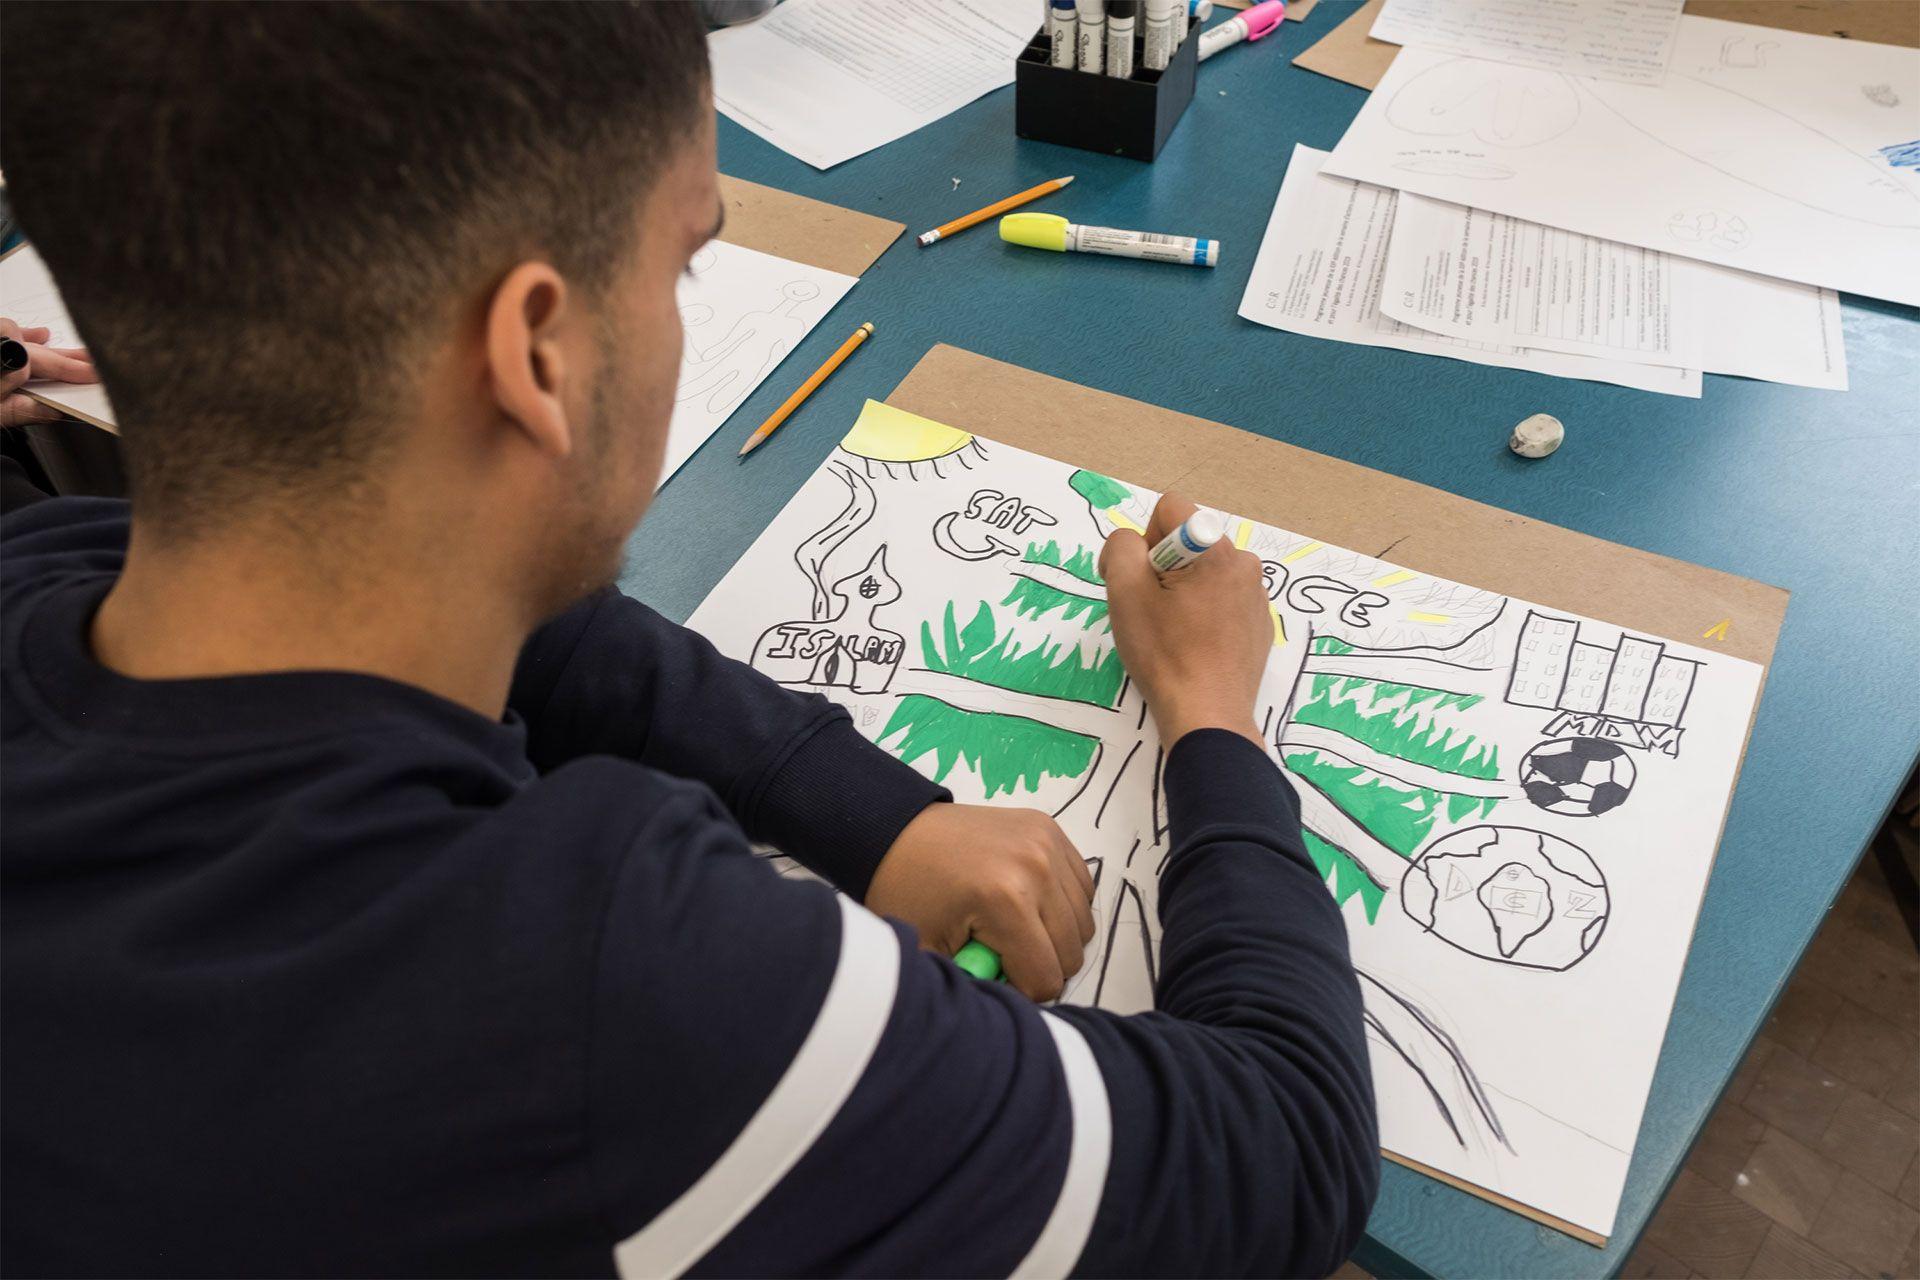 Un adolescent dessine.